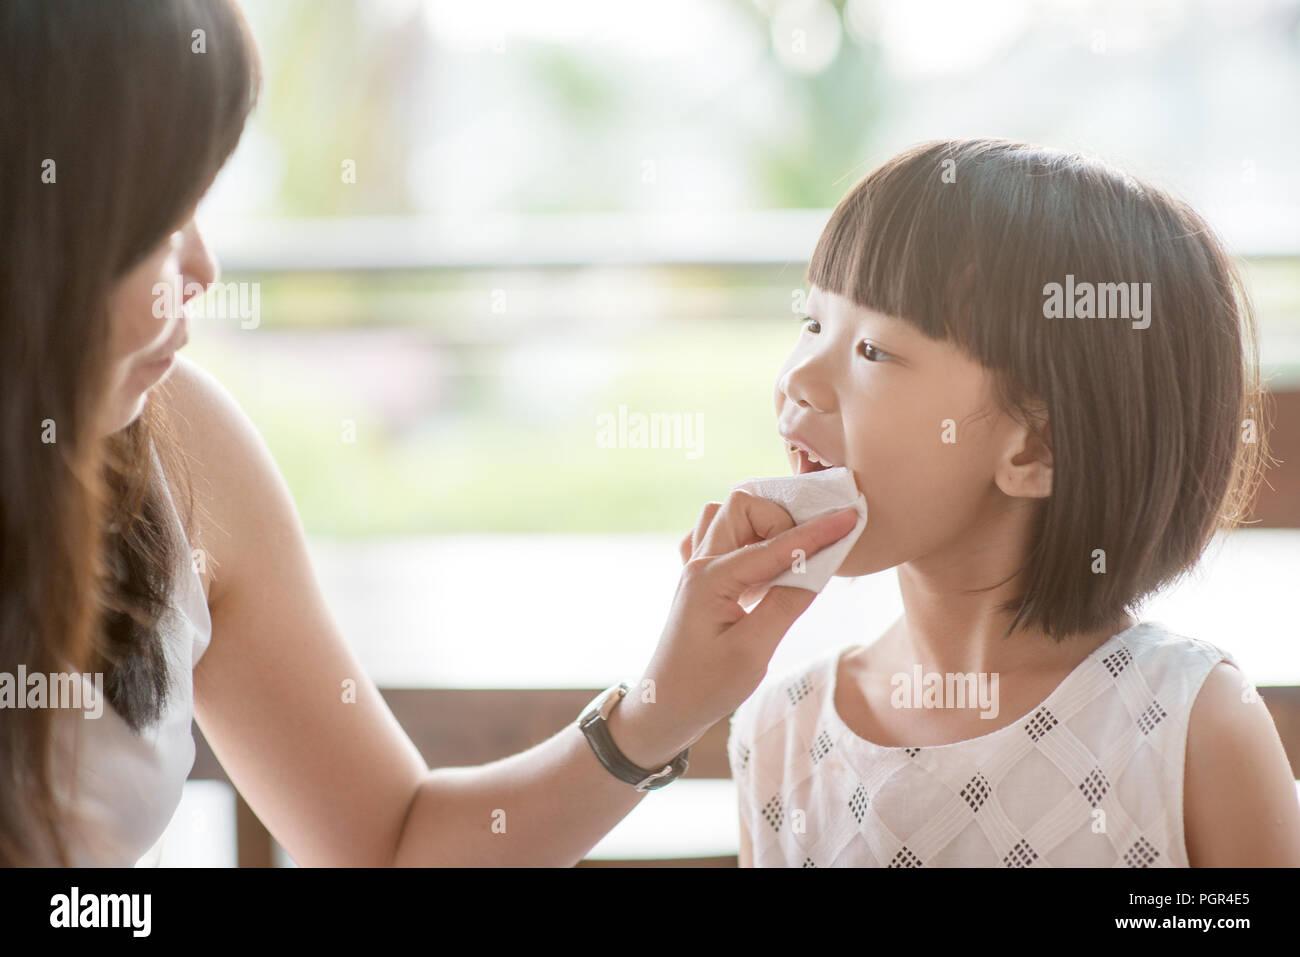 Maman bouche lingettes pour son enfant au café. Vie de plein air famille asiatique avec lumière naturelle. Banque D'Images